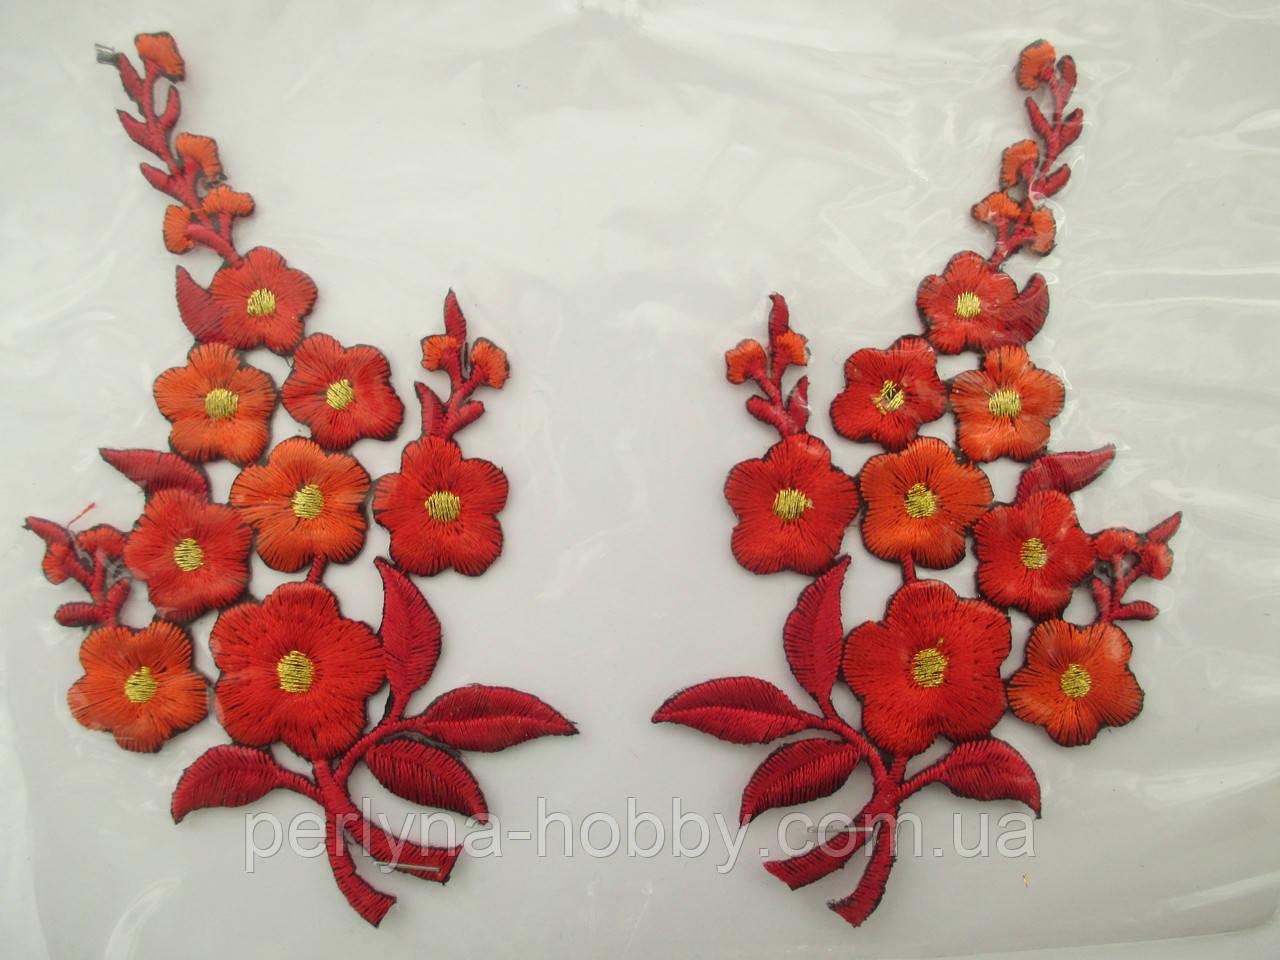 """Аплікація вишивка клейова парна """"Квіти"""" оранжеві на чорному, 12см 1пара"""